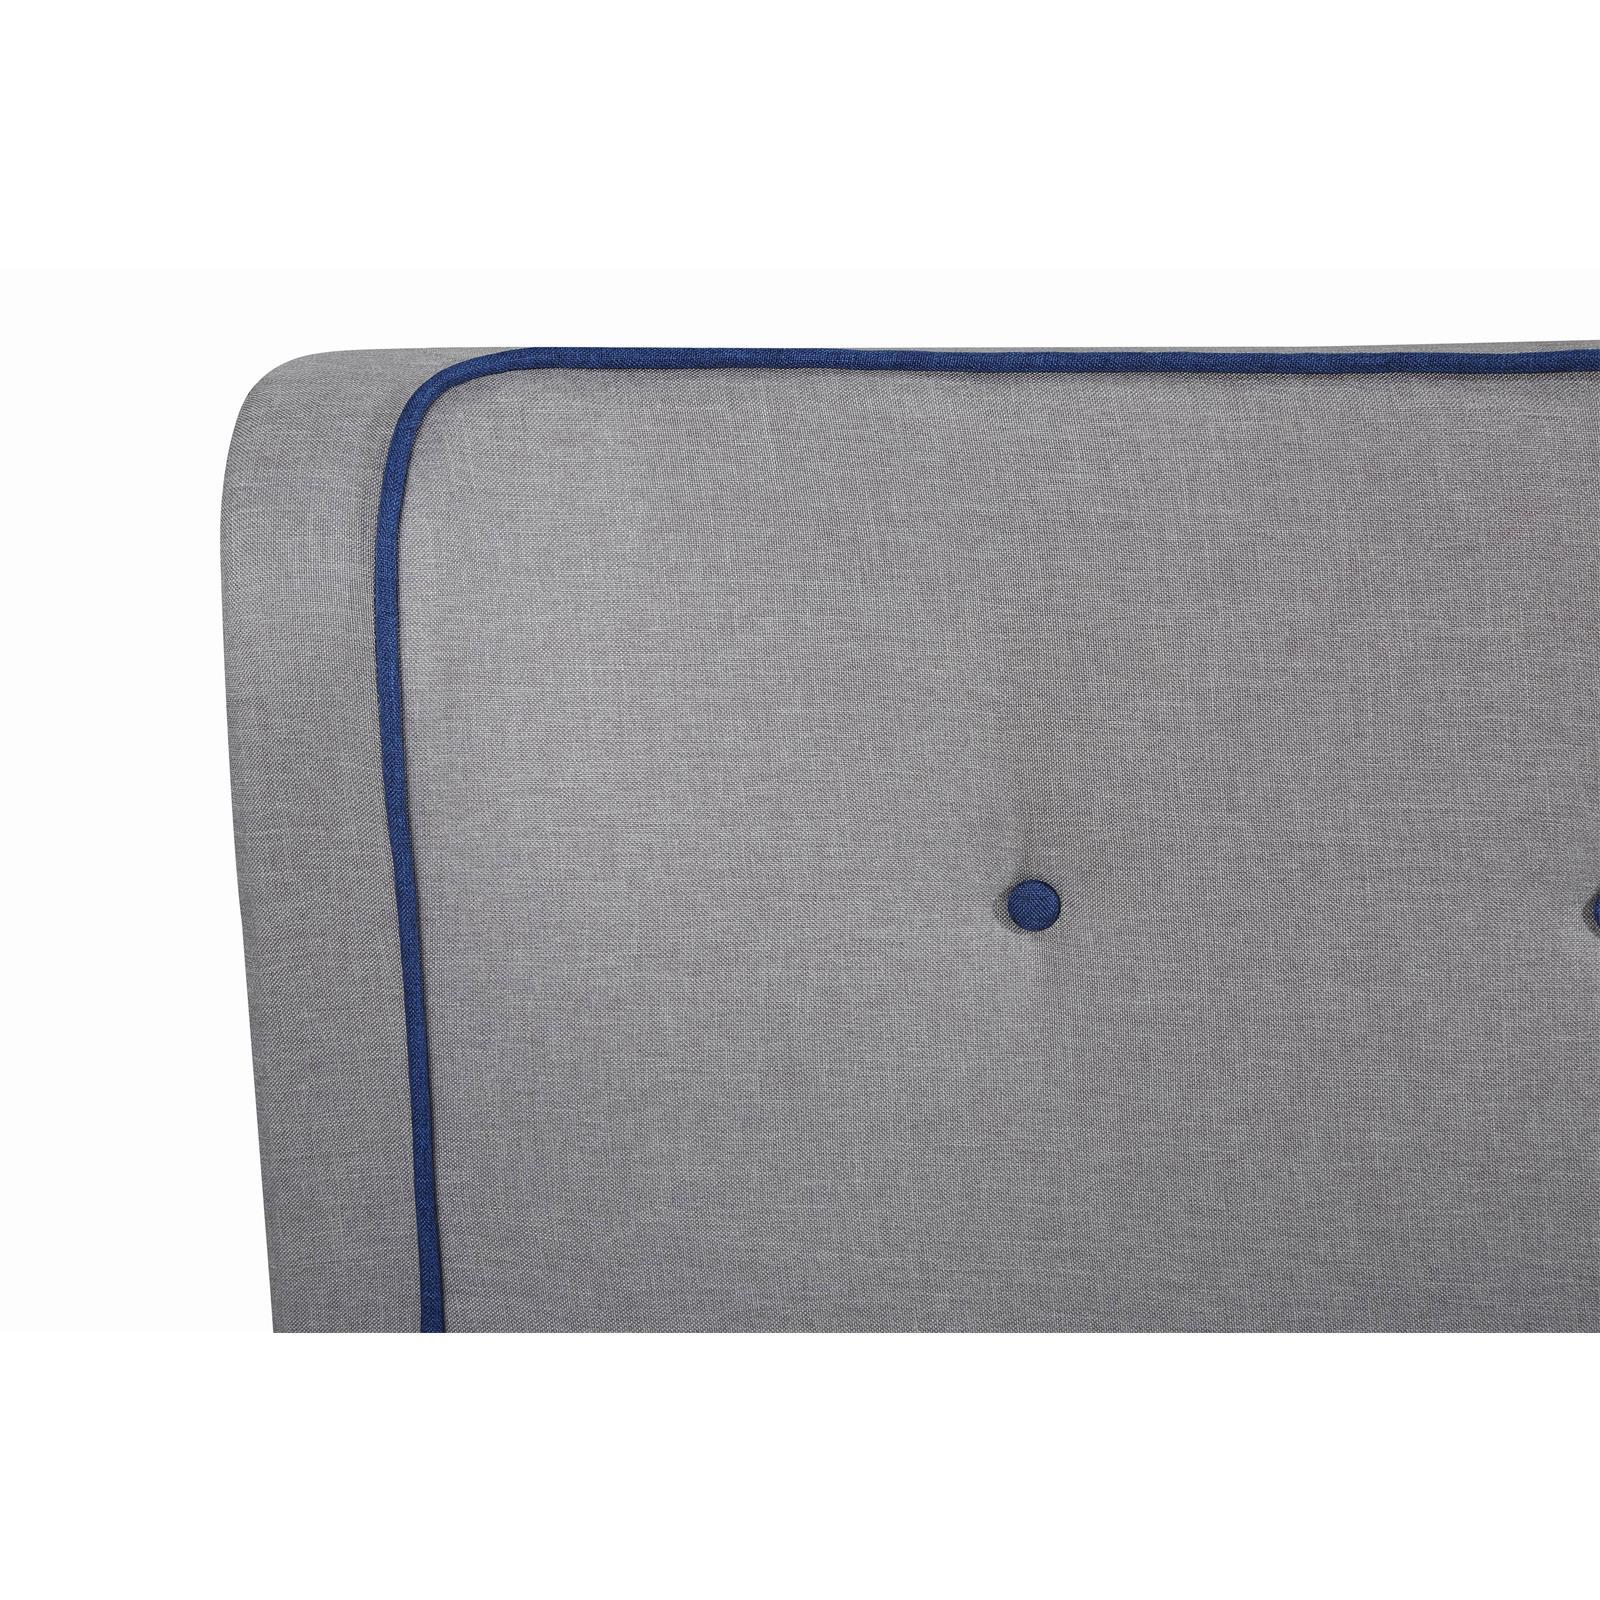 einzelbett polsterbett 120x200 cm inkl lattenrost. Black Bedroom Furniture Sets. Home Design Ideas